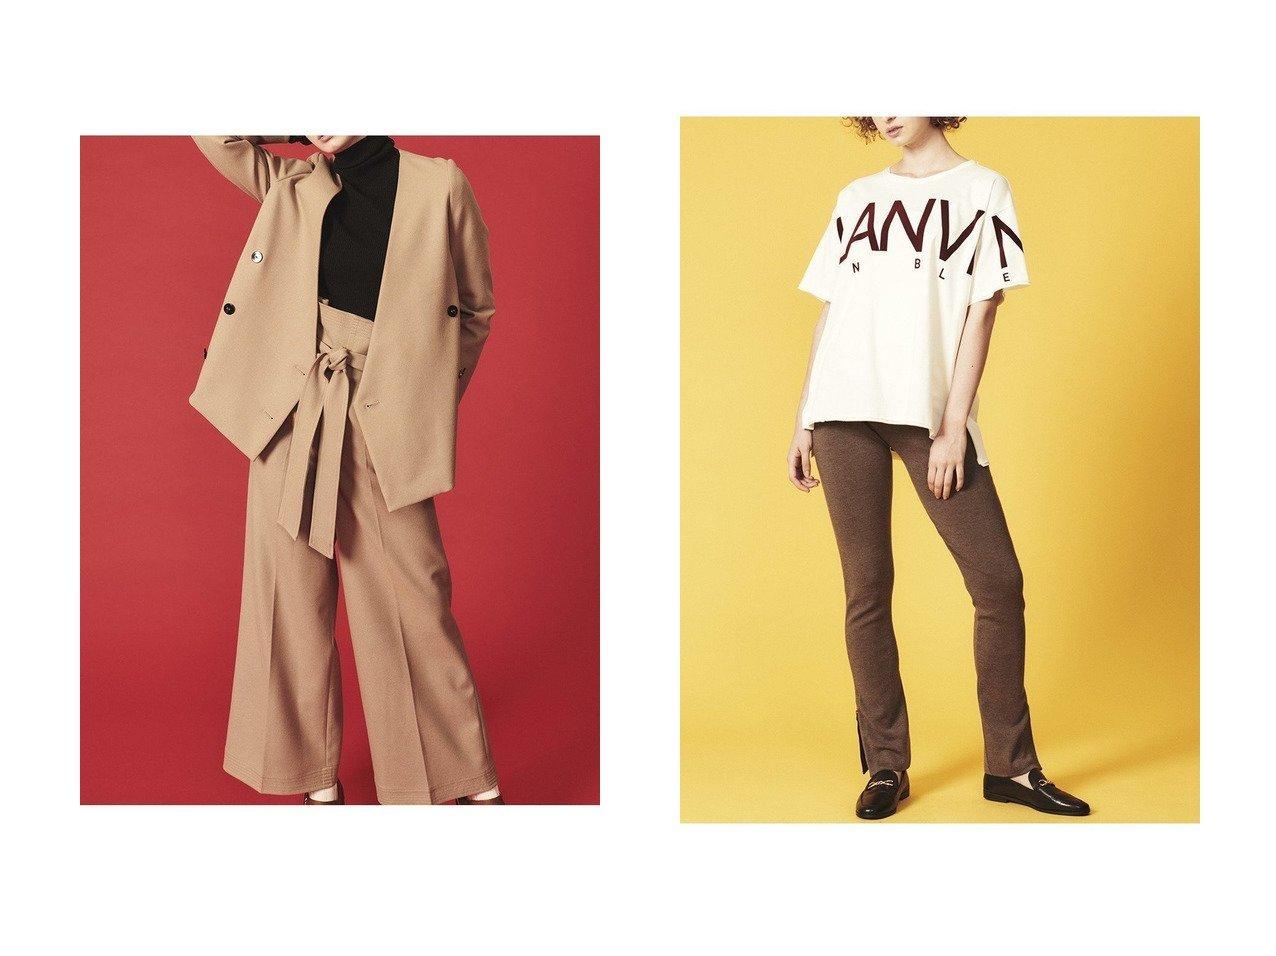 【LANVIN en Bleu/ランバン オン ブルー】のスリットニットパンツ&ハイウエストベルトパンツ パンツのおすすめ!人気、トレンド・レディースファッションの通販 おすすめで人気の流行・トレンド、ファッションの通販商品 メンズファッション・キッズファッション・インテリア・家具・レディースファッション・服の通販 founy(ファニー) https://founy.com/ ファッション Fashion レディースファッション WOMEN パンツ Pants ベルト Belts バランス ベーシック レギンス 今季 コンパクト ジャケット セットアップ ワイド |ID:crp329100000016062